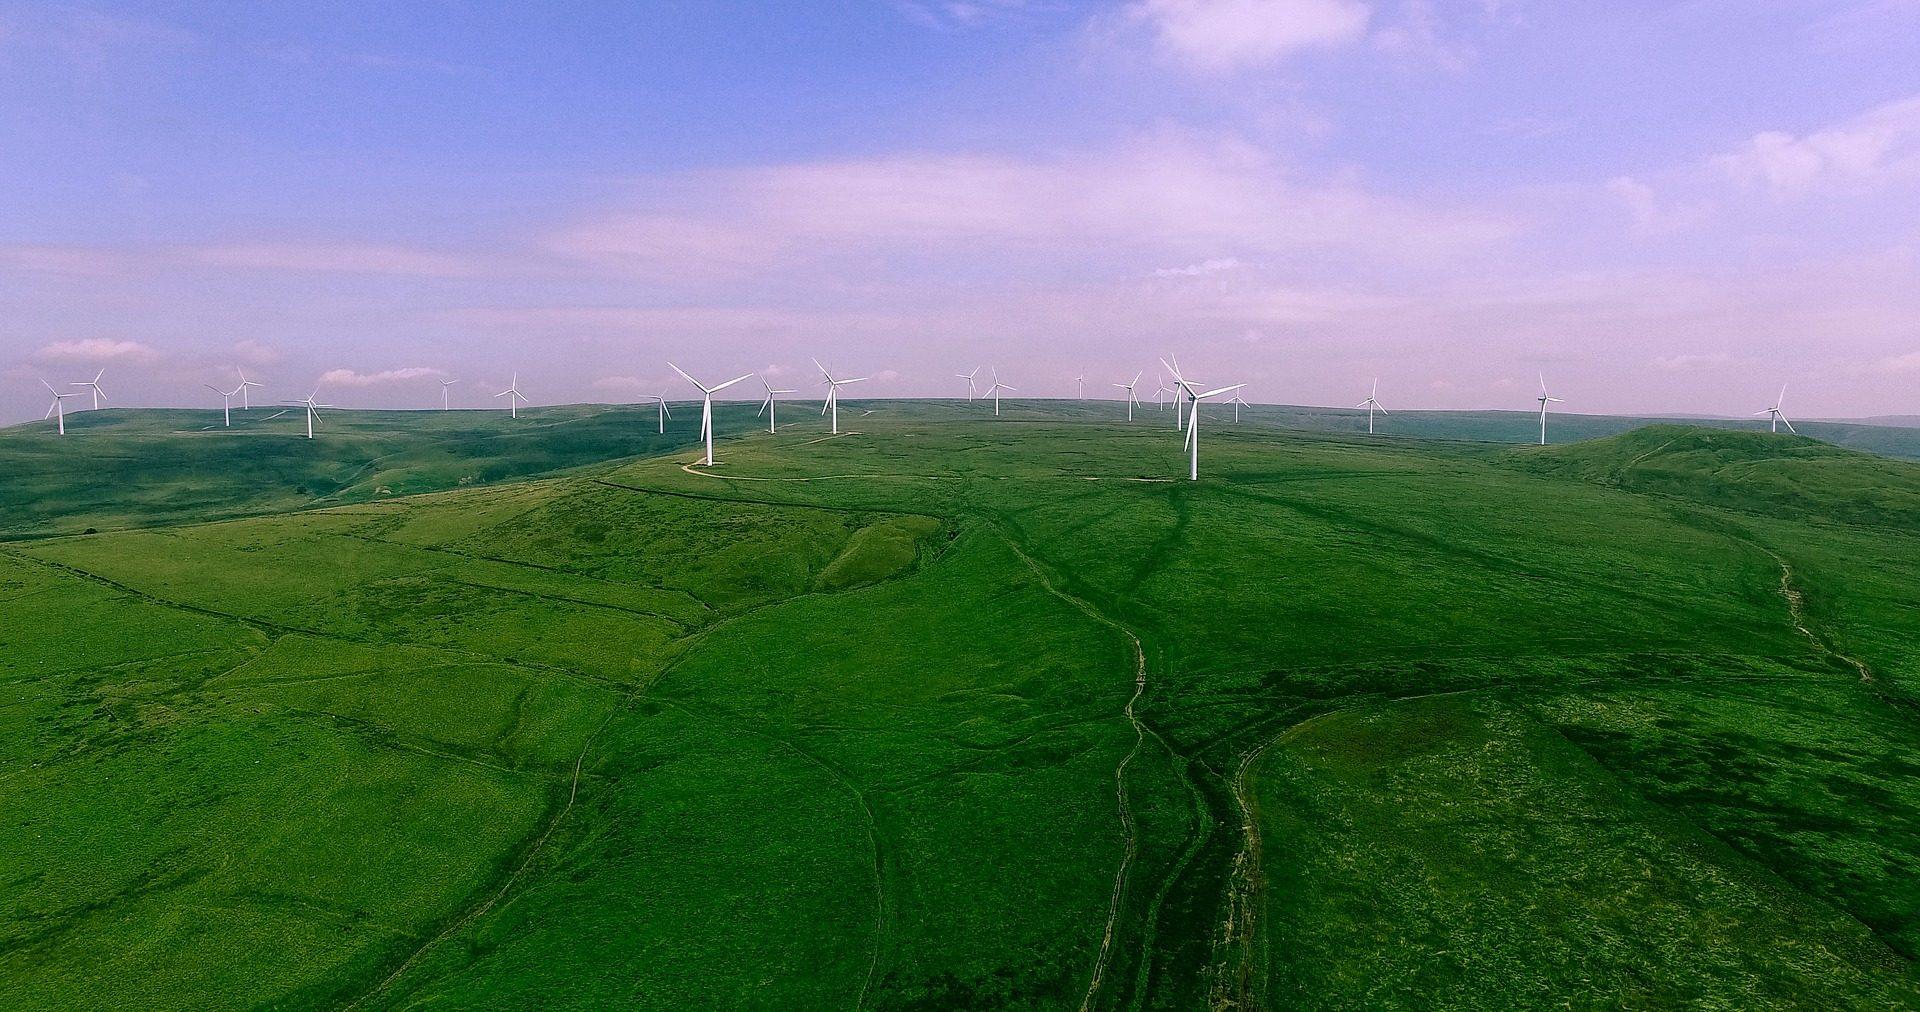 フィールド, 風力発電所, プロペラ, ミルズ, 植生, 距離, 地平線 - HD の壁紙 - 教授-falken.com